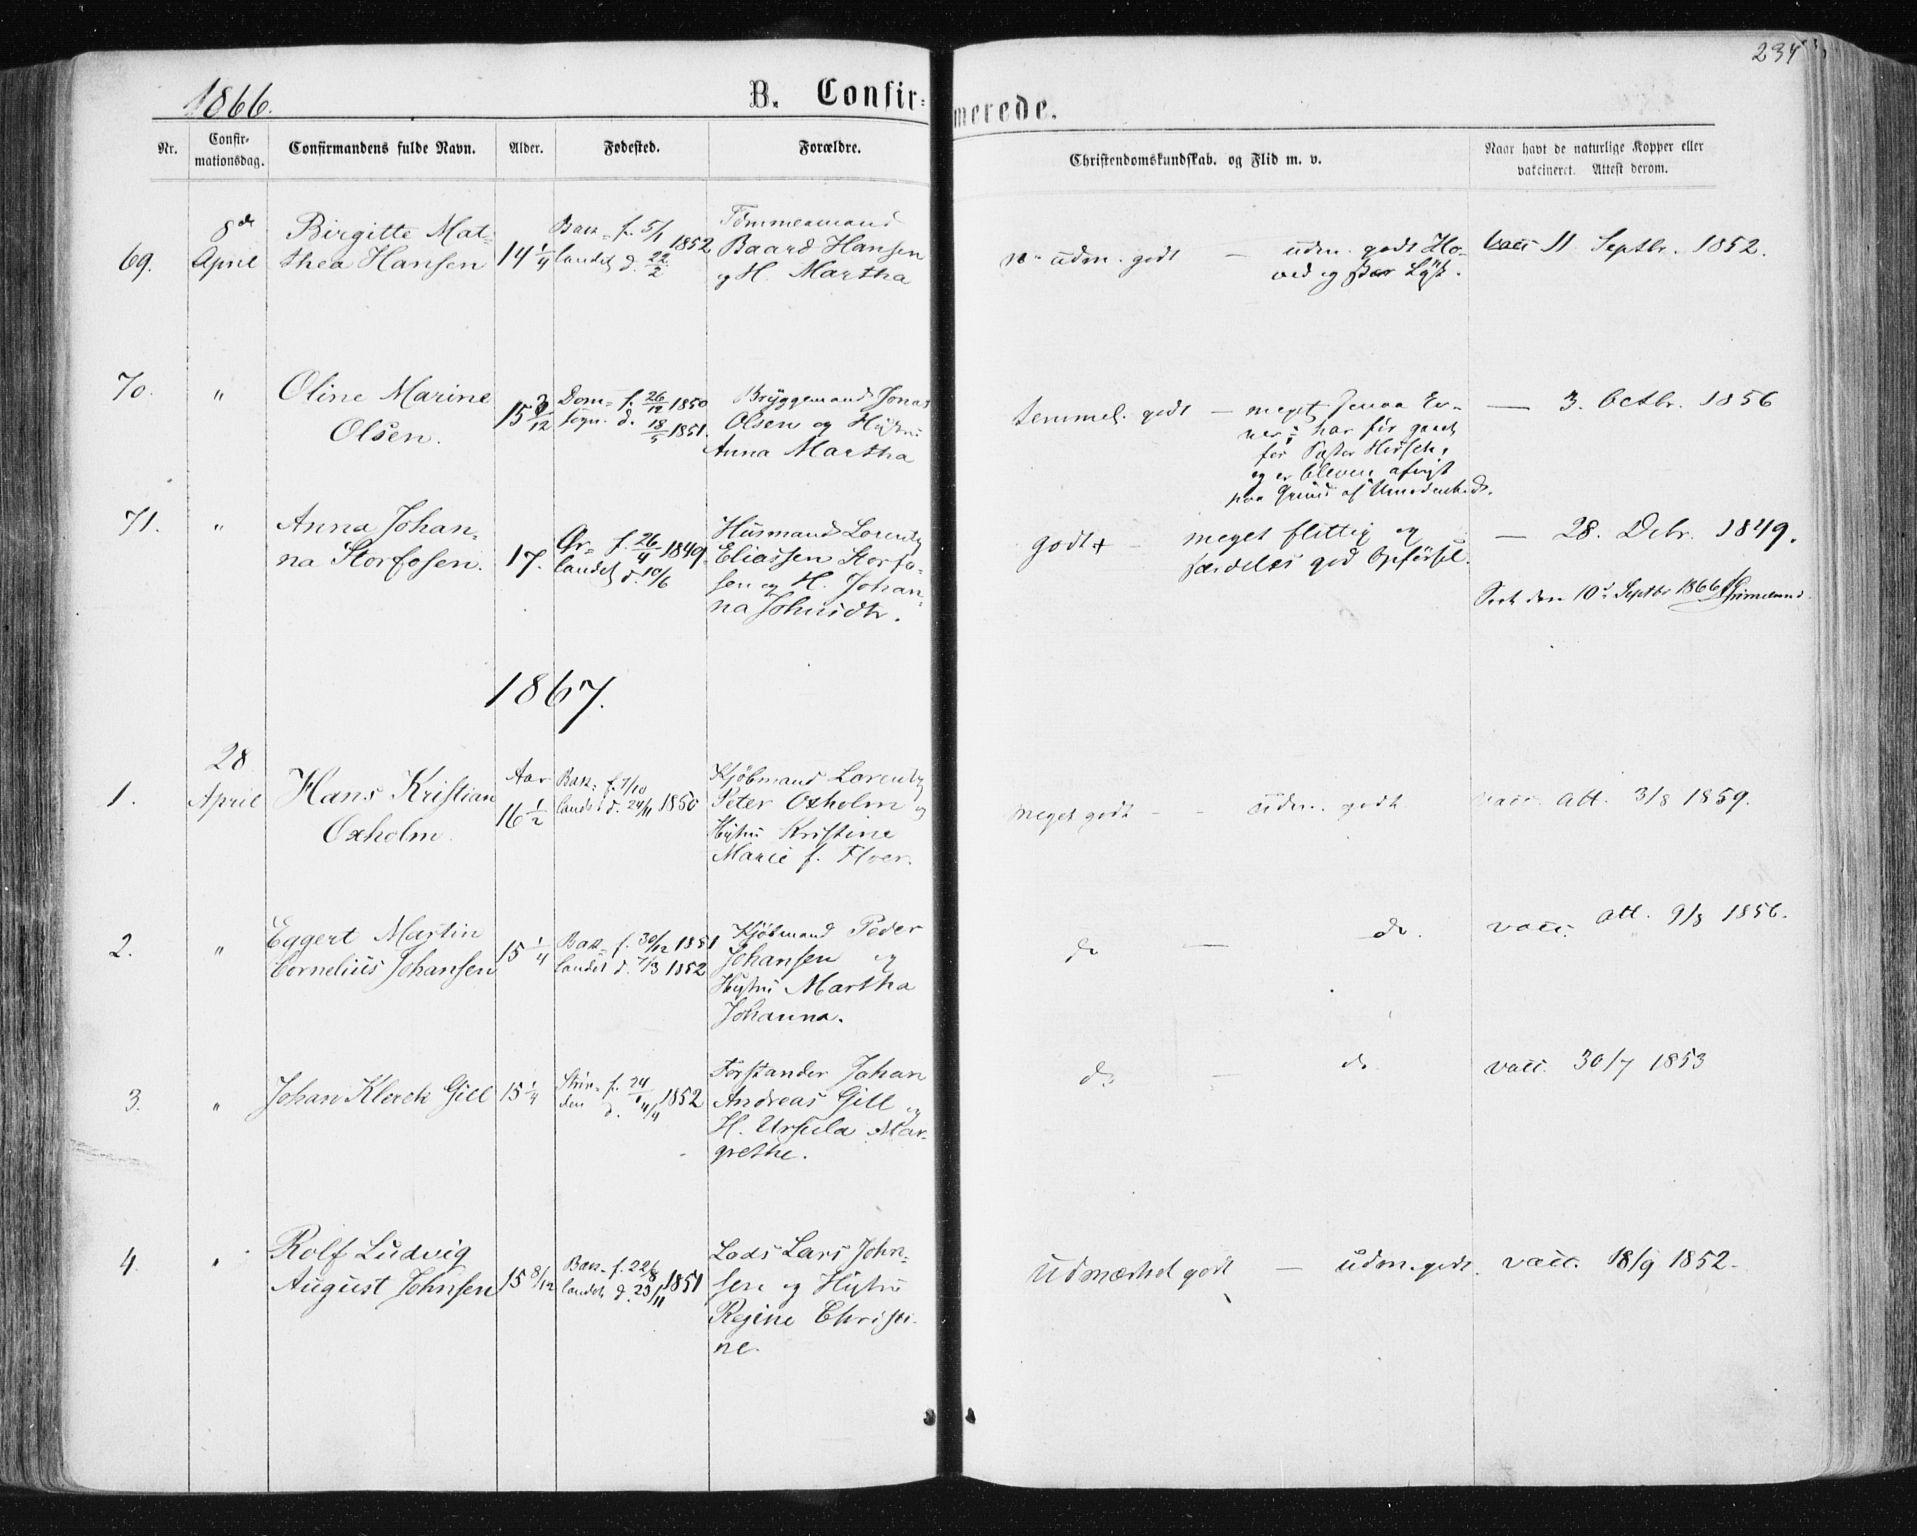 SAT, Ministerialprotokoller, klokkerbøker og fødselsregistre - Sør-Trøndelag, 604/L0186: Ministerialbok nr. 604A07, 1866-1877, s. 237